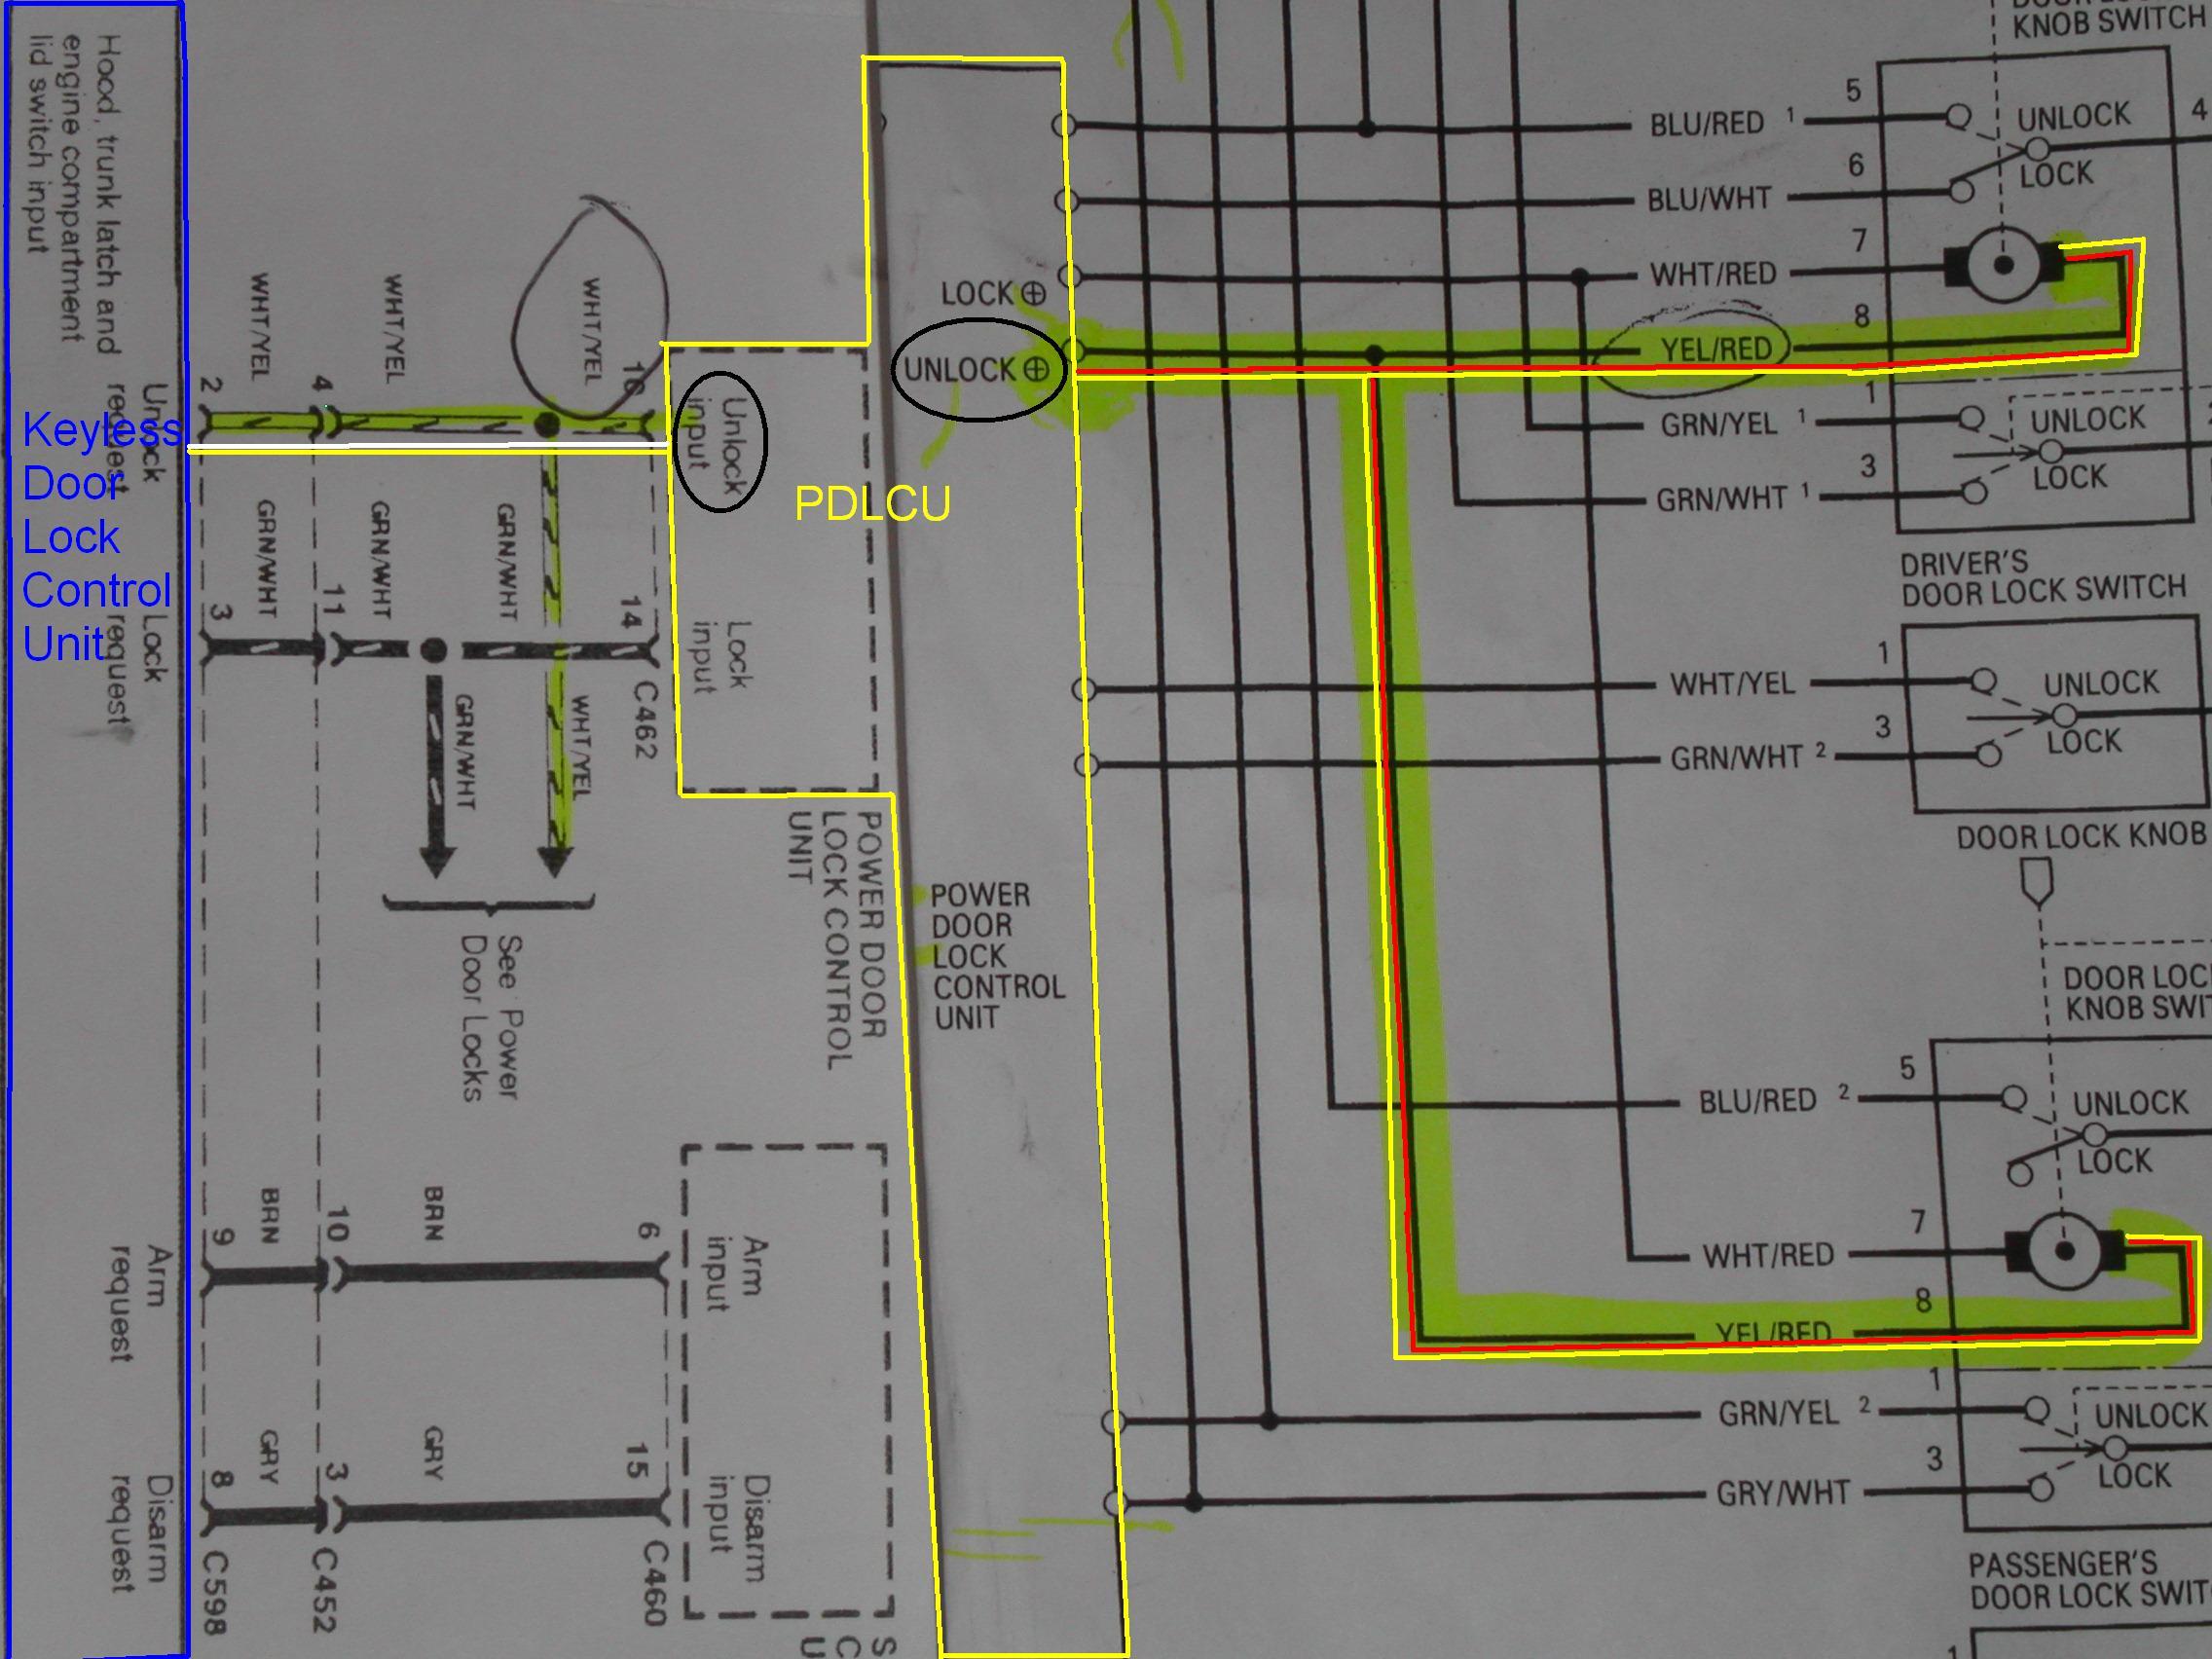 International 4900 Wiring Diagram Pdf | Wiring Diagram - International 4700 Wiring Diagram Pdf